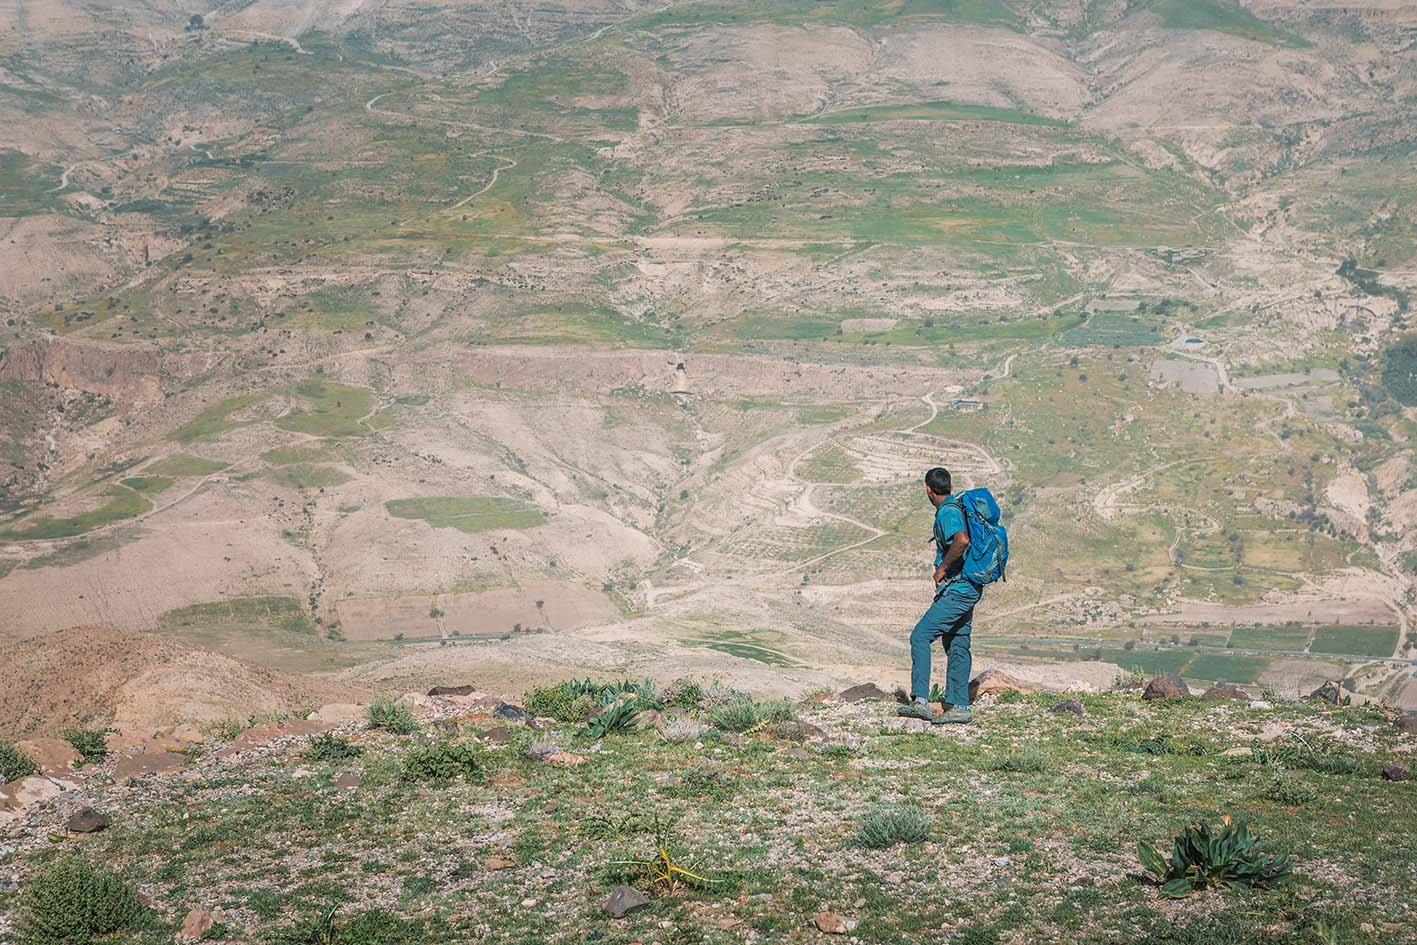 Wadi-Hidan-to-Wadi-Mujib-016-1